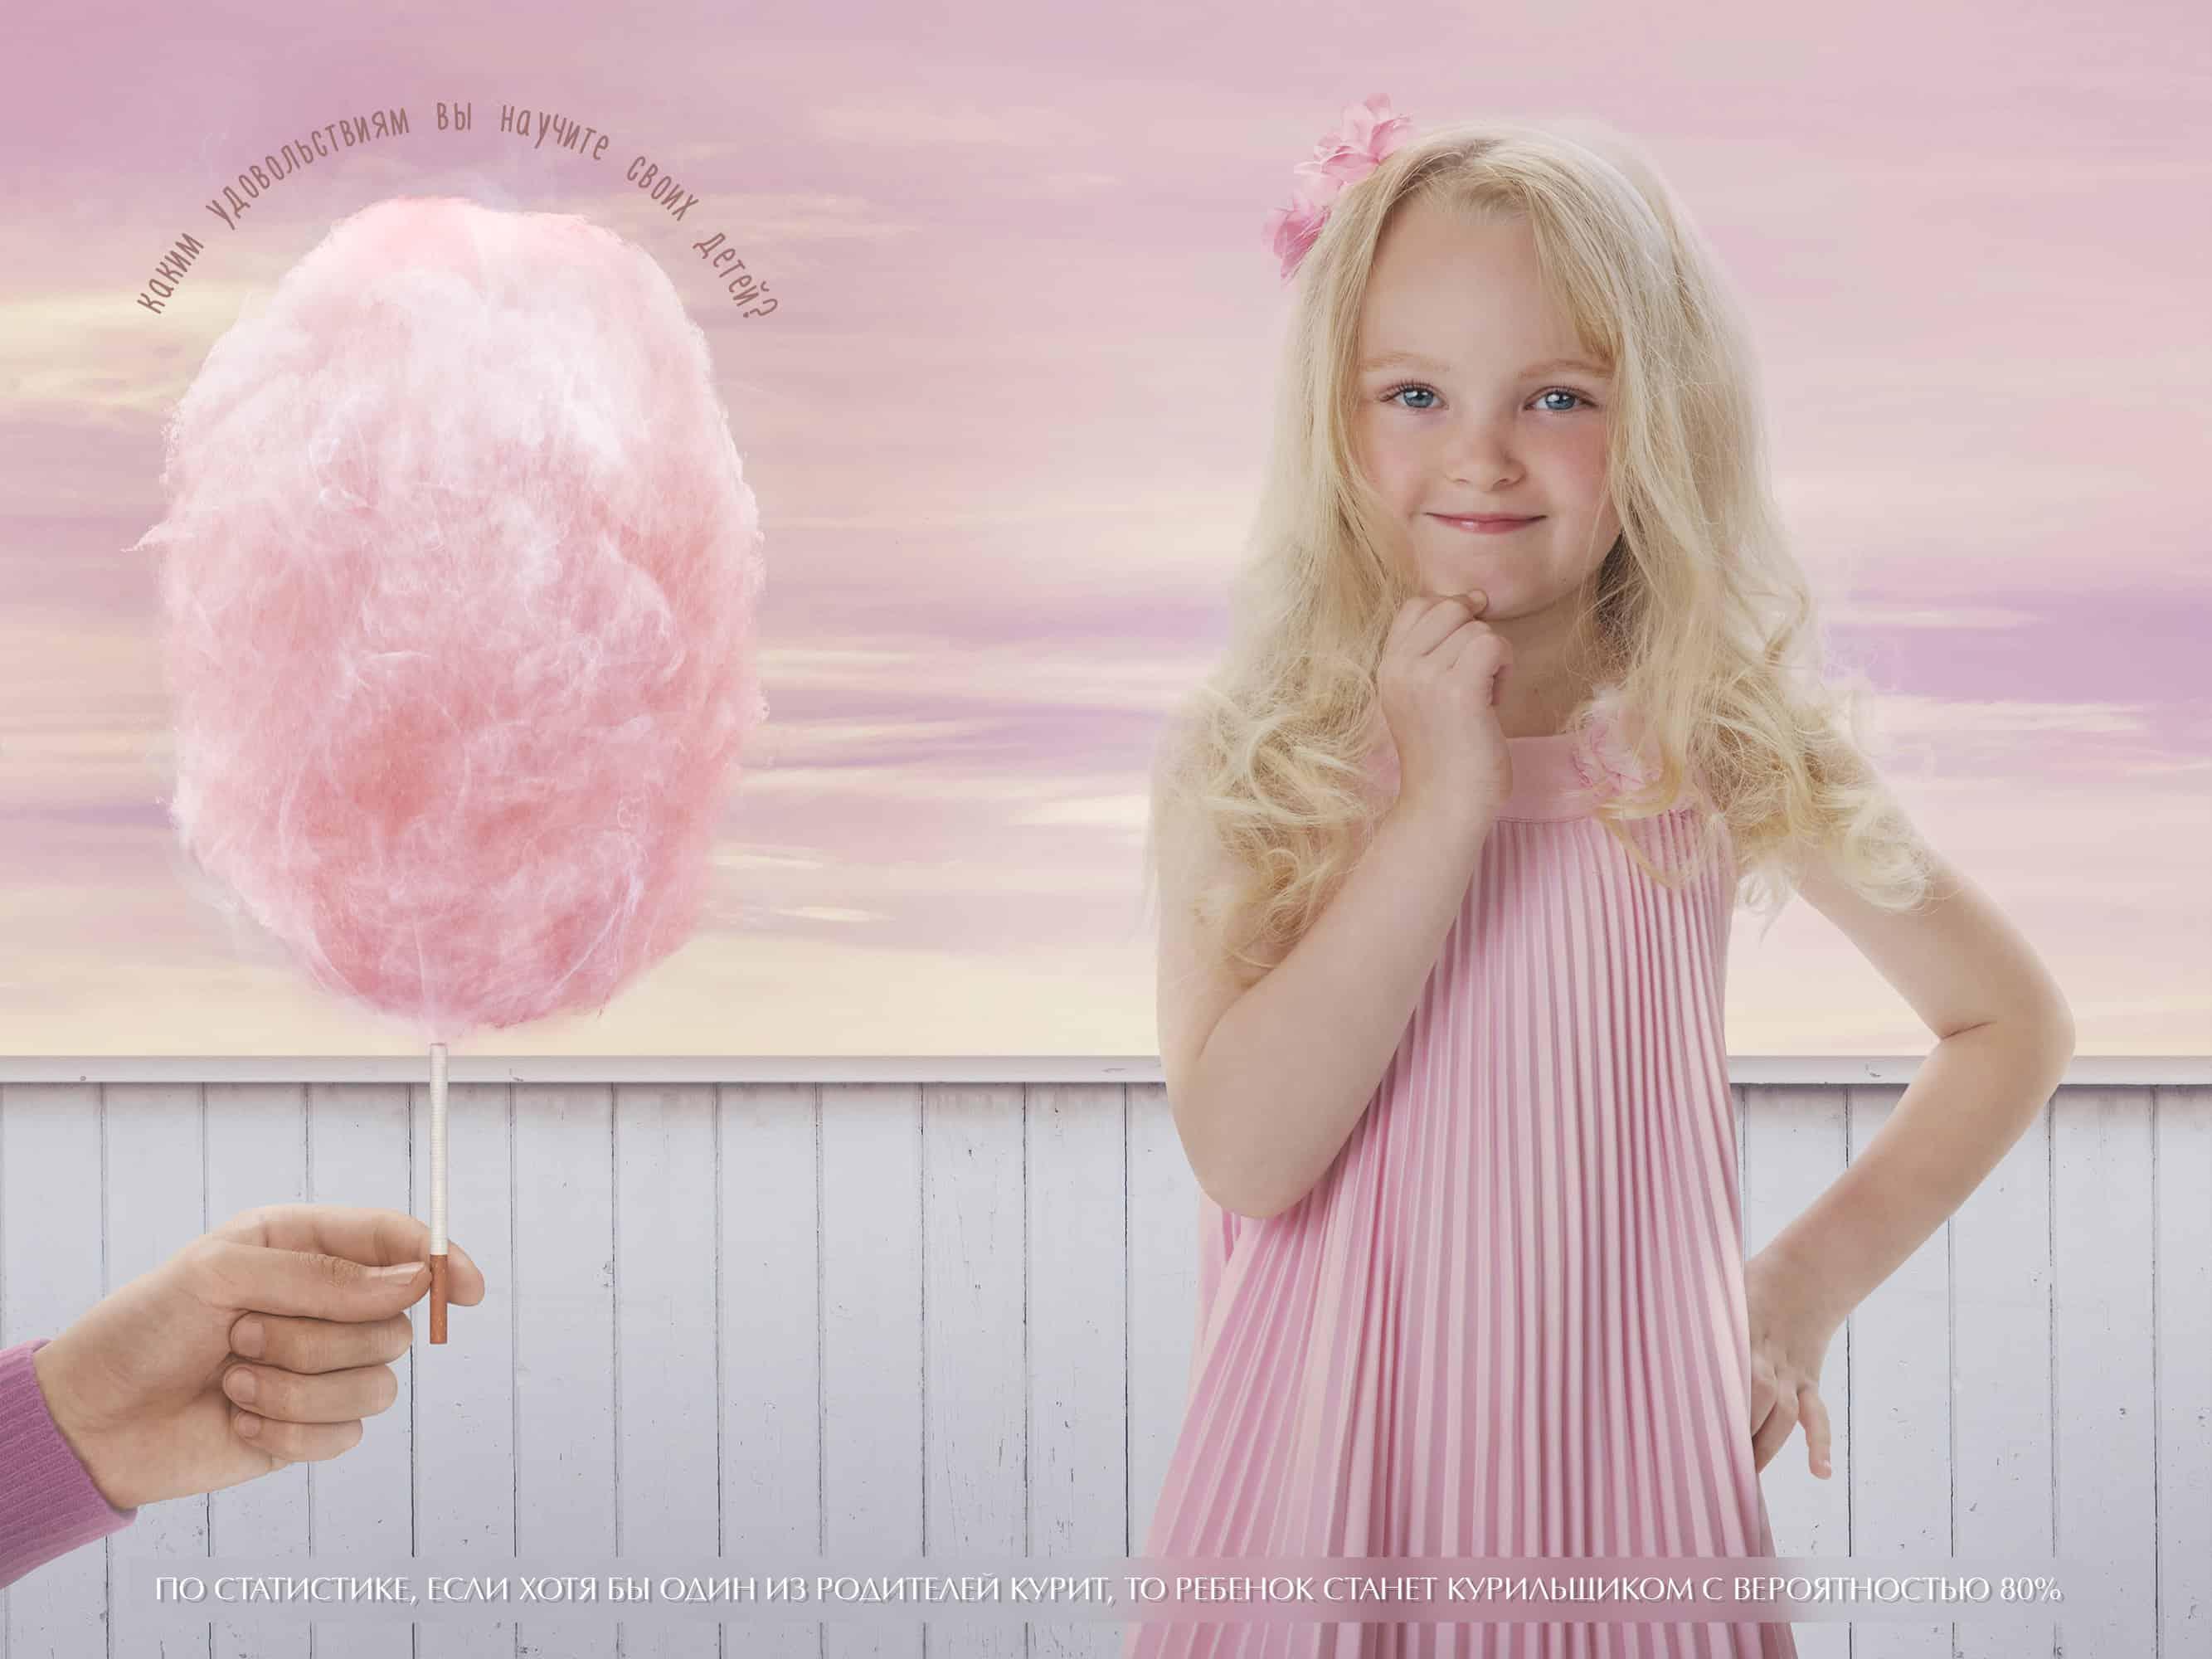 Опыт создания социальной рекламы. Маленькая девочка не воспринимает дымящуюся сигарету как нечто негативное, если курильщик – один из родителей